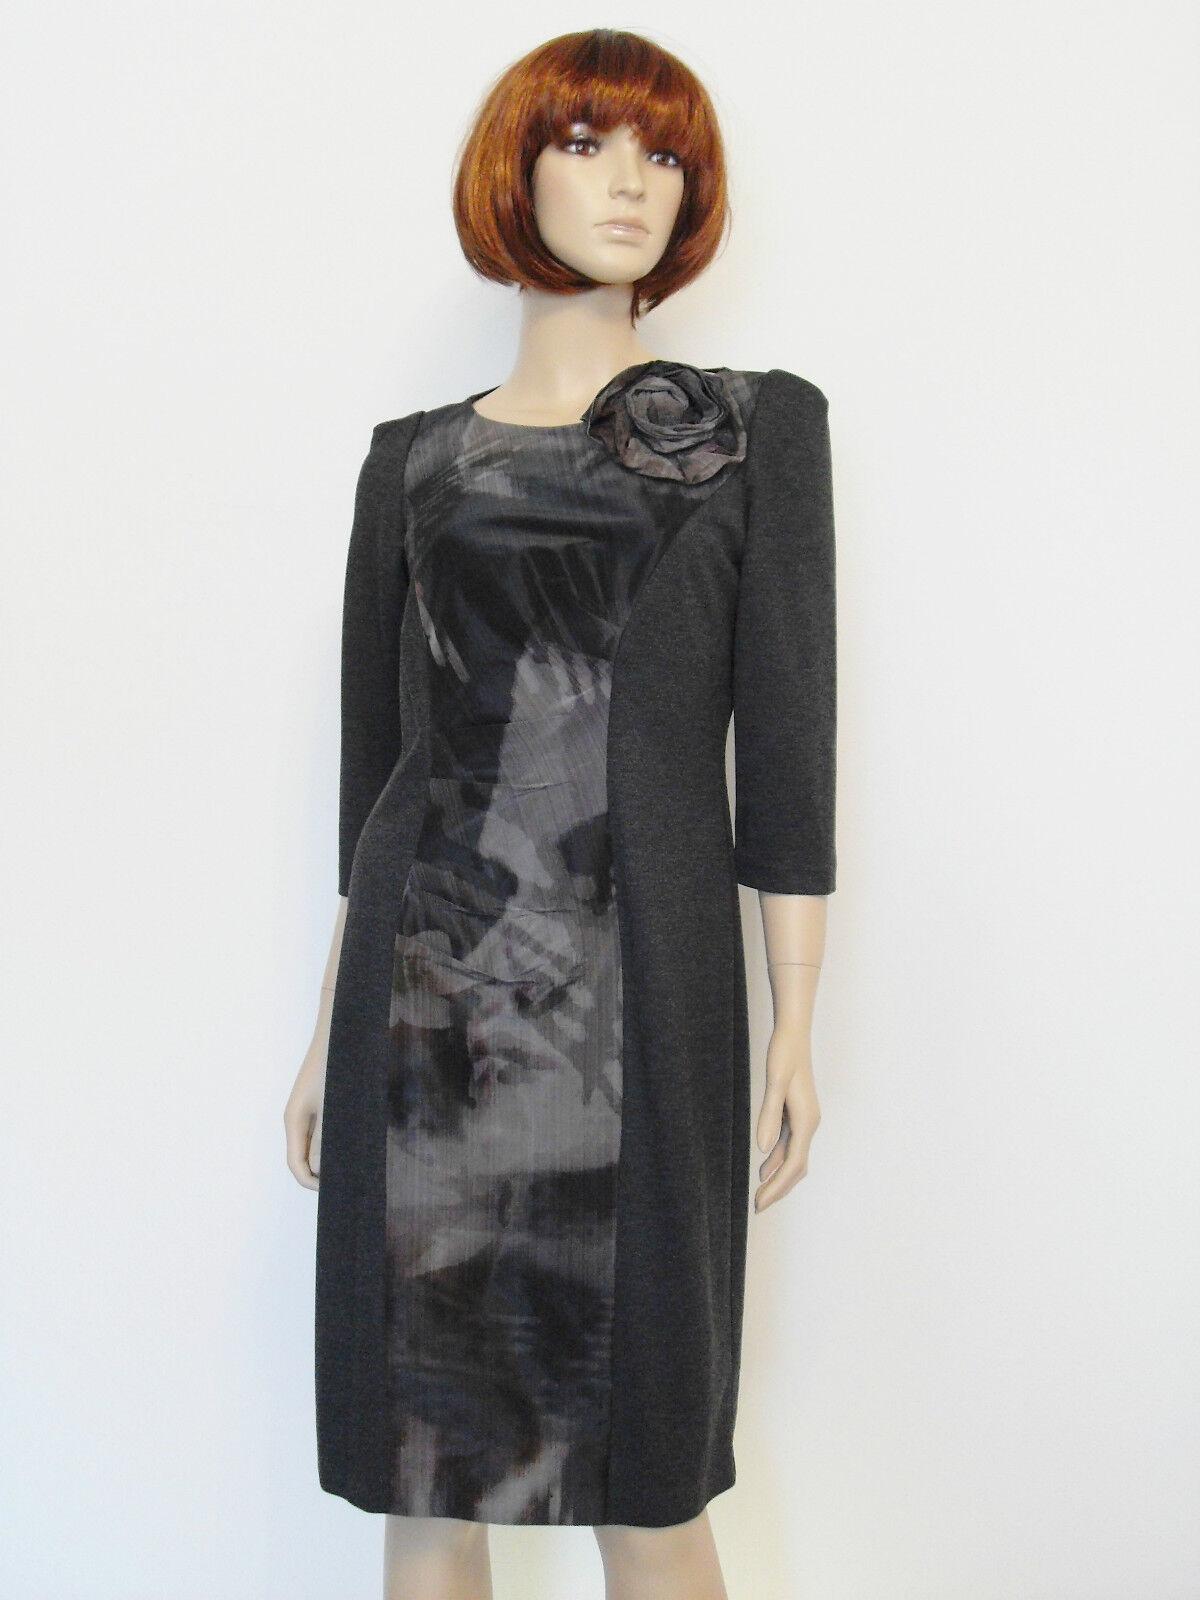 b7ad2d47921 Hondrocream ist die Schnellste Elegantes Designer Kleid Etuikleid Knielang  Jerseykleid Anthrazitgrau Edel Gr Gr Gr 44 e3a56c